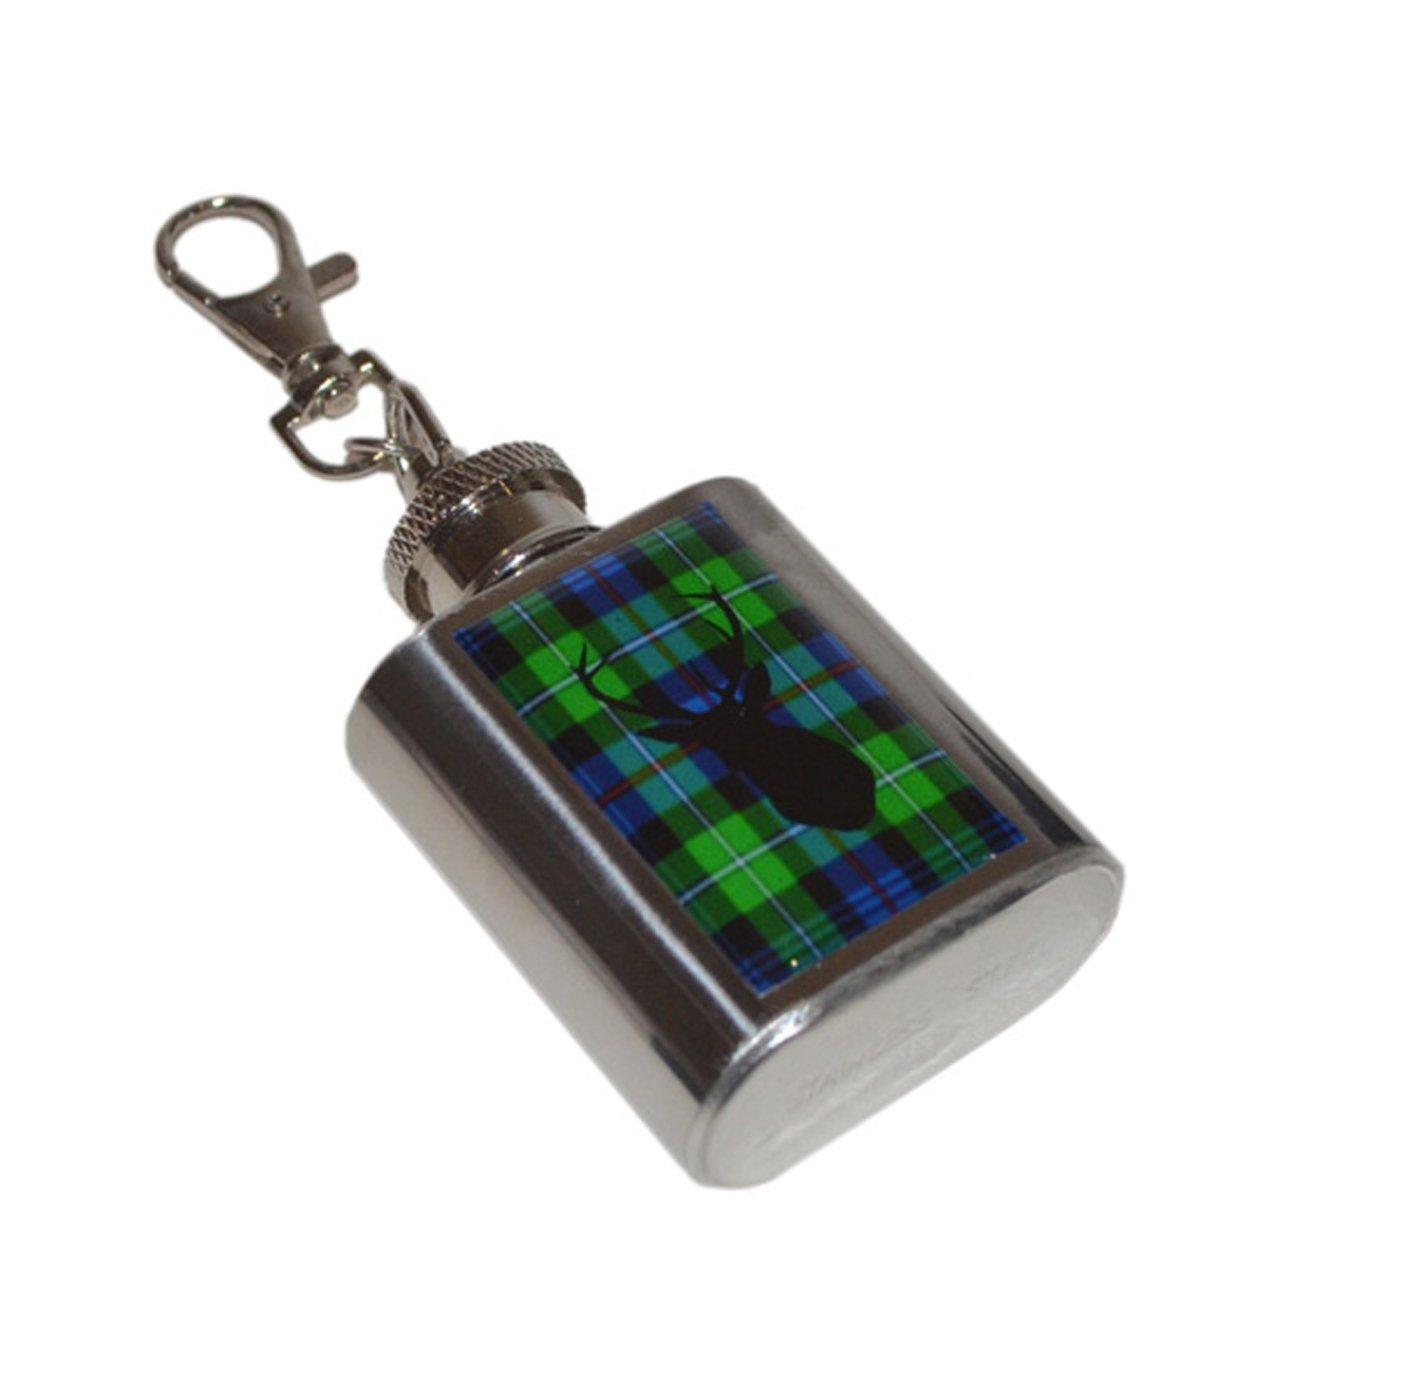 Scottish Mackenzie Tartan /& Stag Design 1oz Hip Flask Key Ring XHIPKEYN009